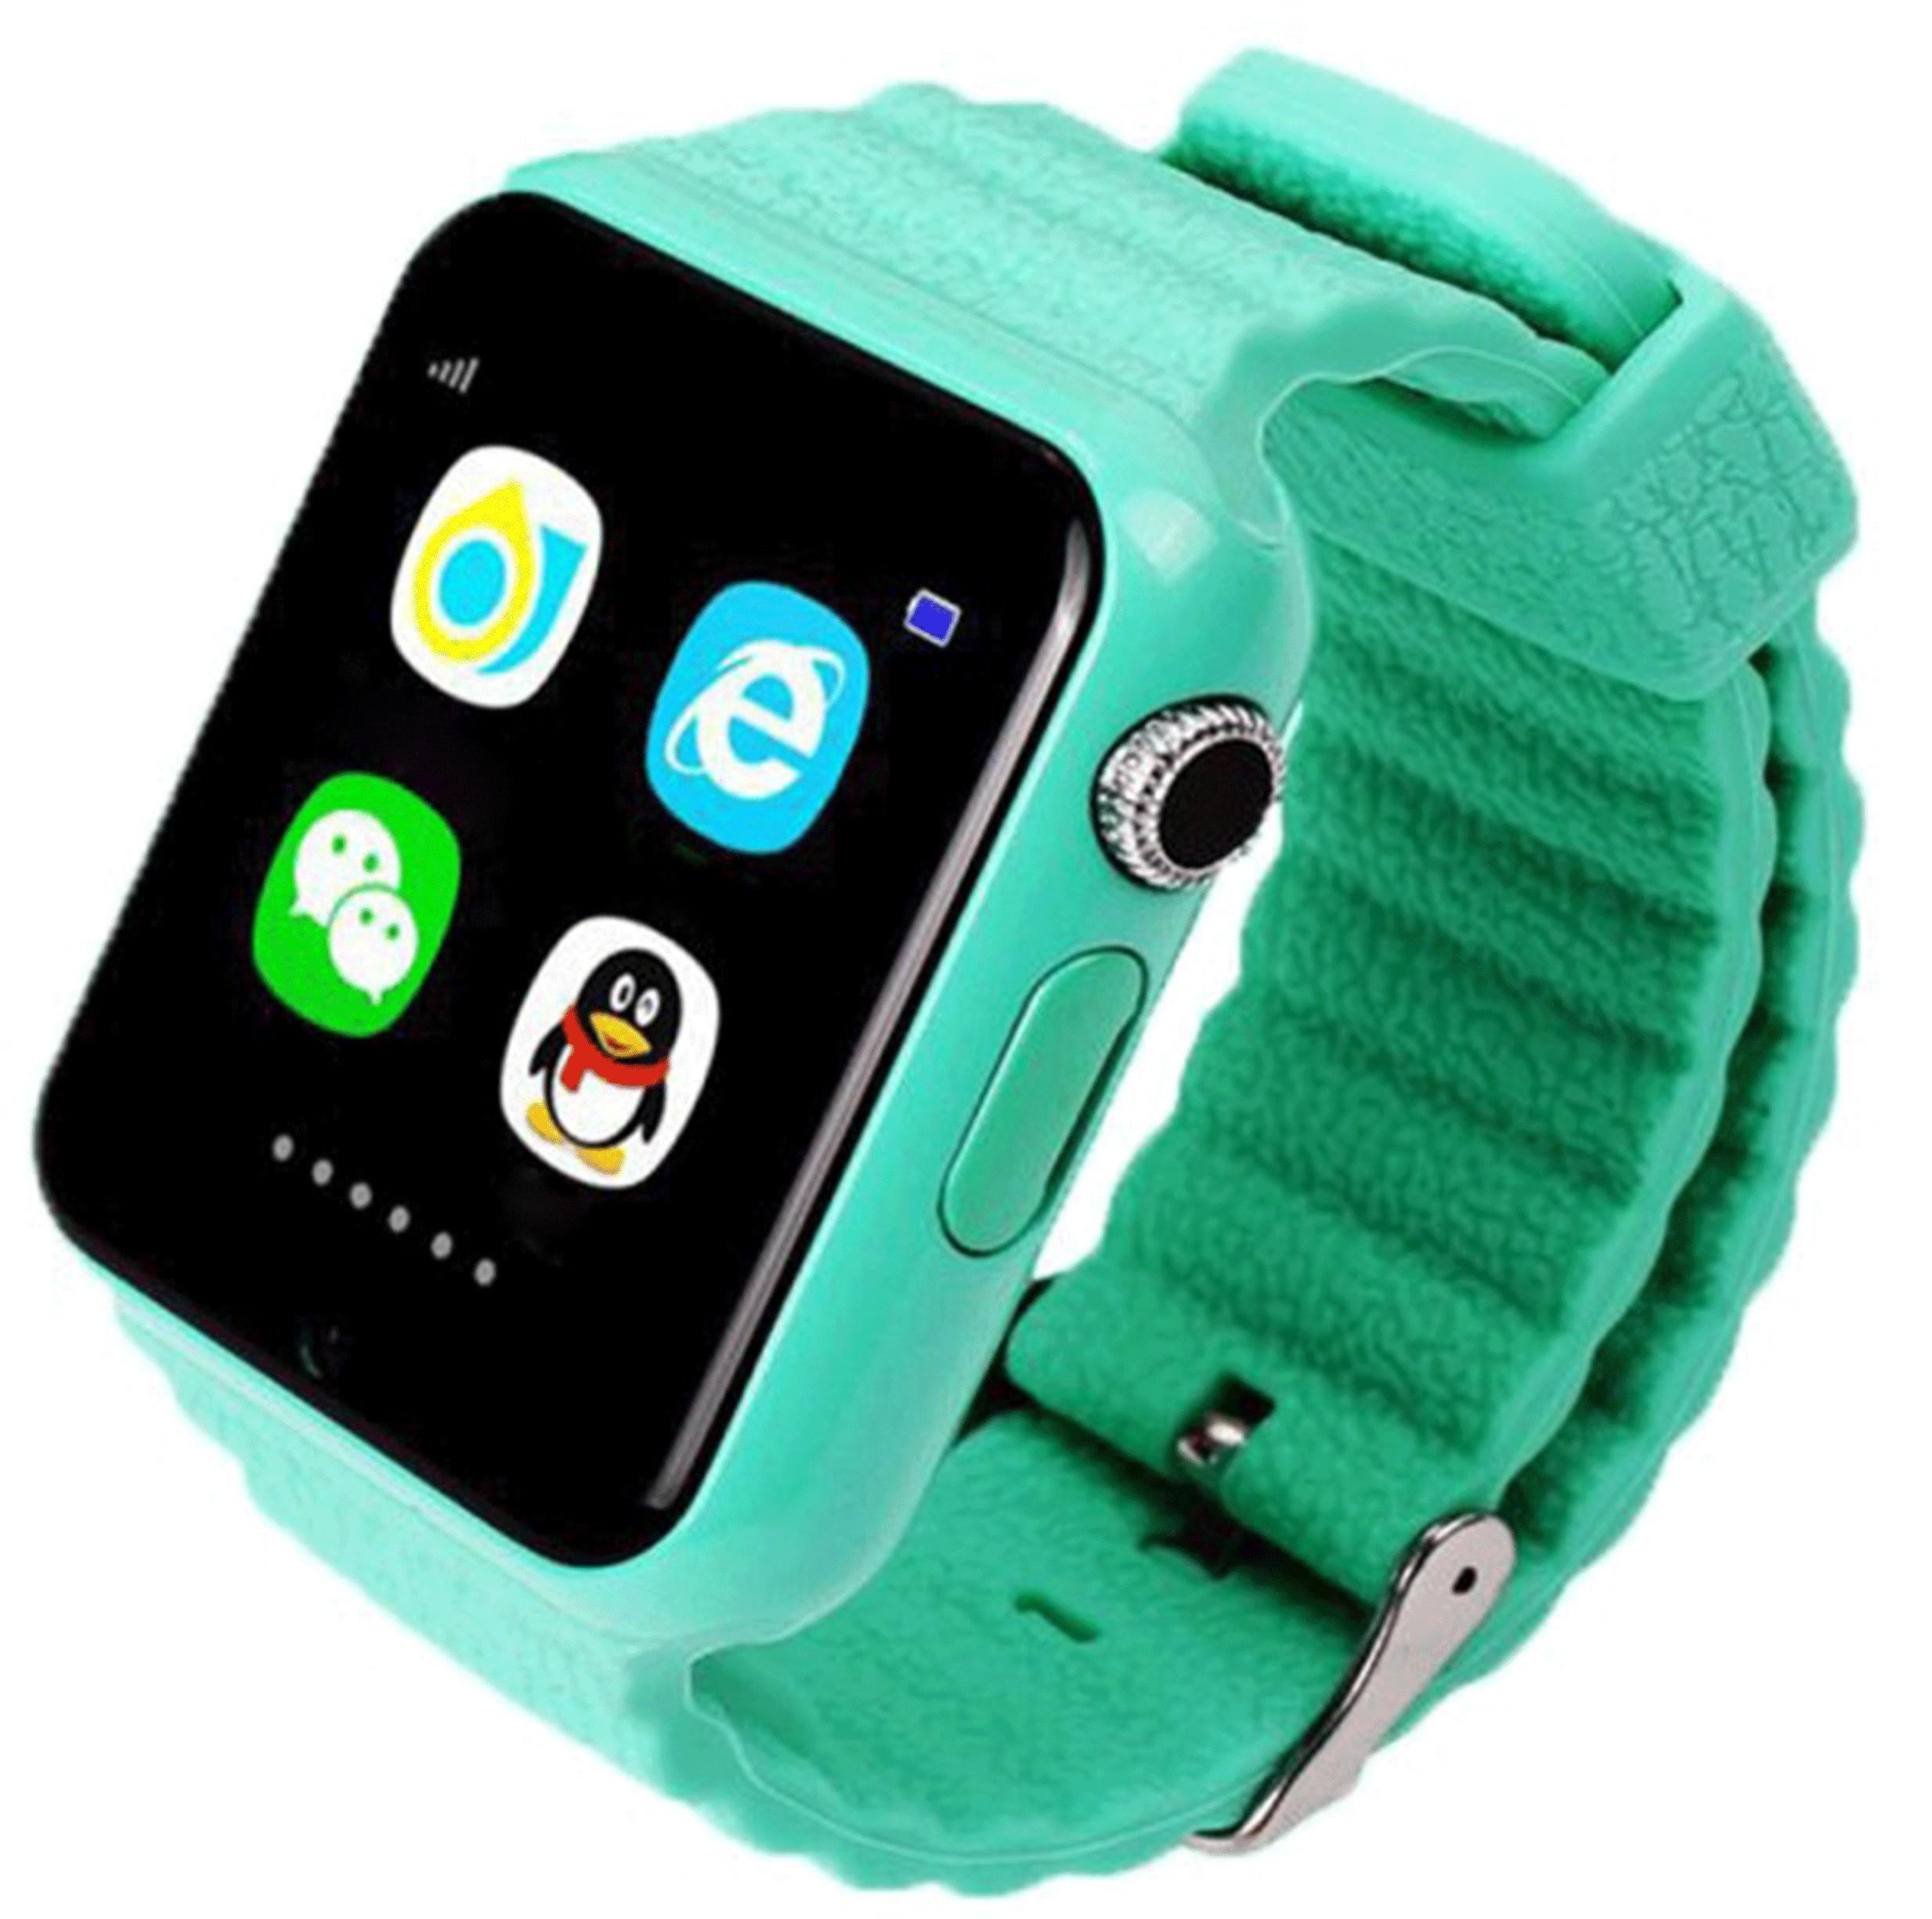 Ceas GPS Copii si Seniori iUni V8K, Pedometru, Touchscreen 1.54 inch, Bluetooth, Notificari, Camera, Green